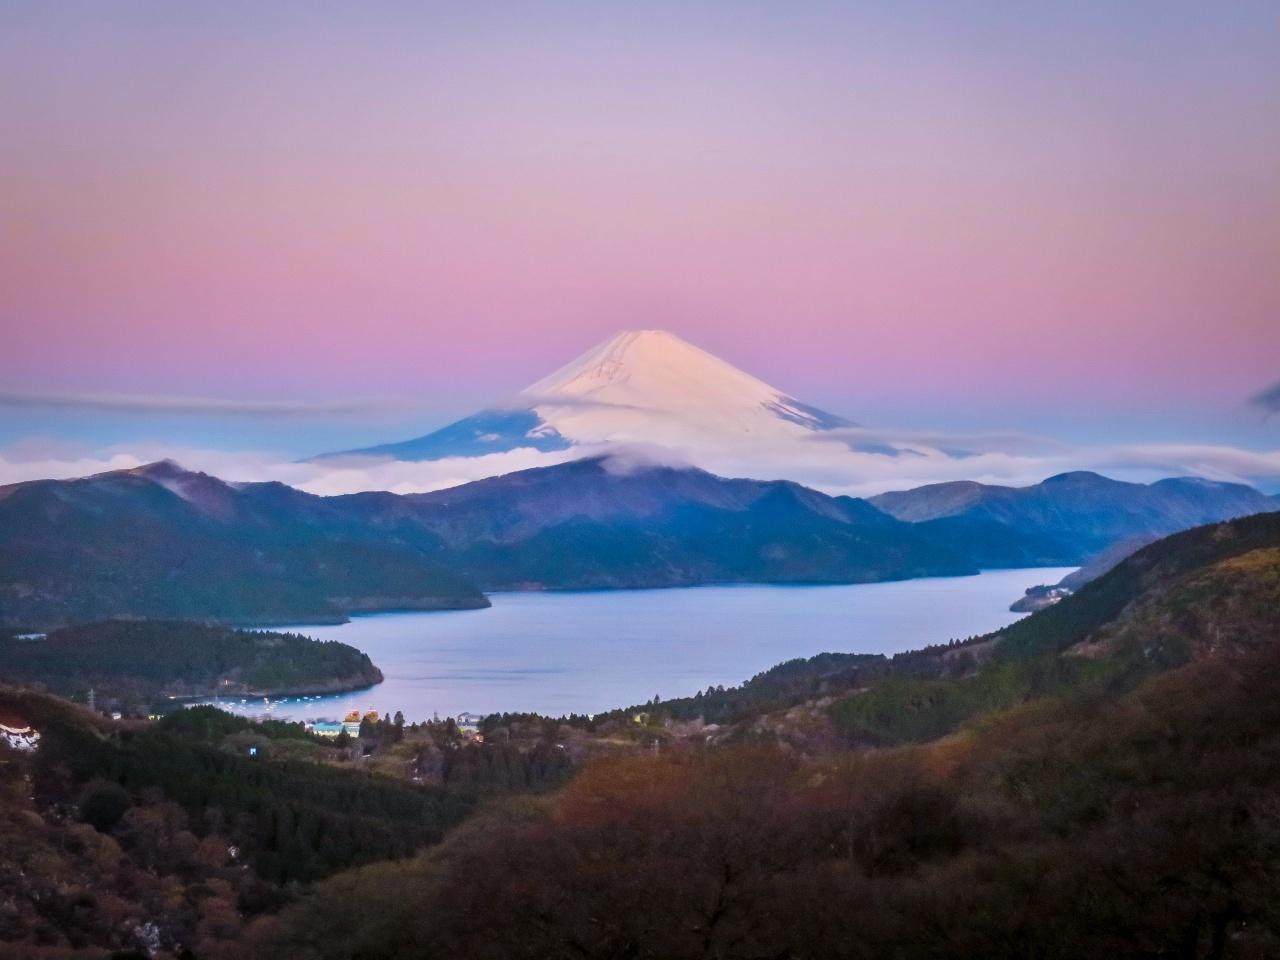 2020.1.30早朝の富士山と芦ノ湖(大観山)_e0321032_09530797.jpg